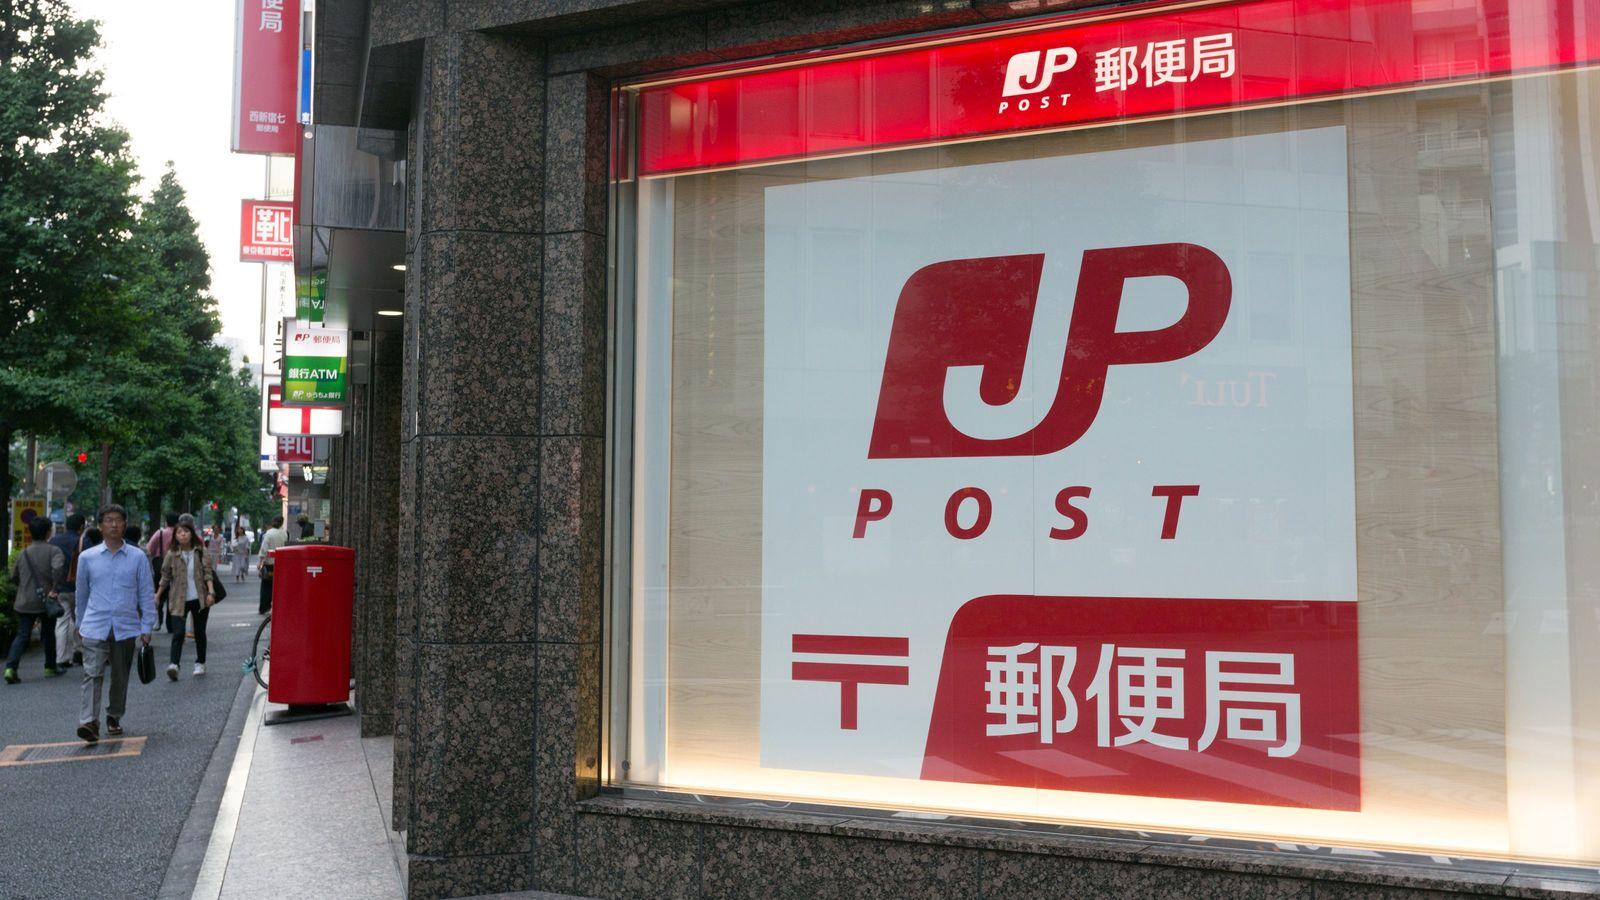 「50本の印鑑が手元にあった」郵便局の優秀営業マンの懺悔 「保険営業をするのが嫌になった」